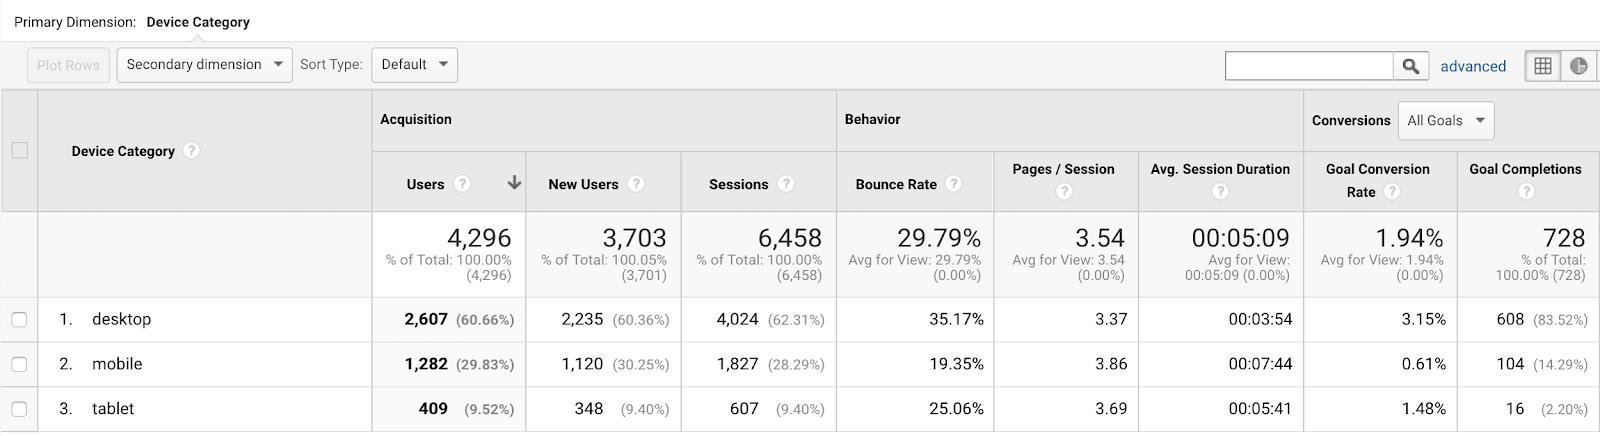 Device metrics in Google Analytics